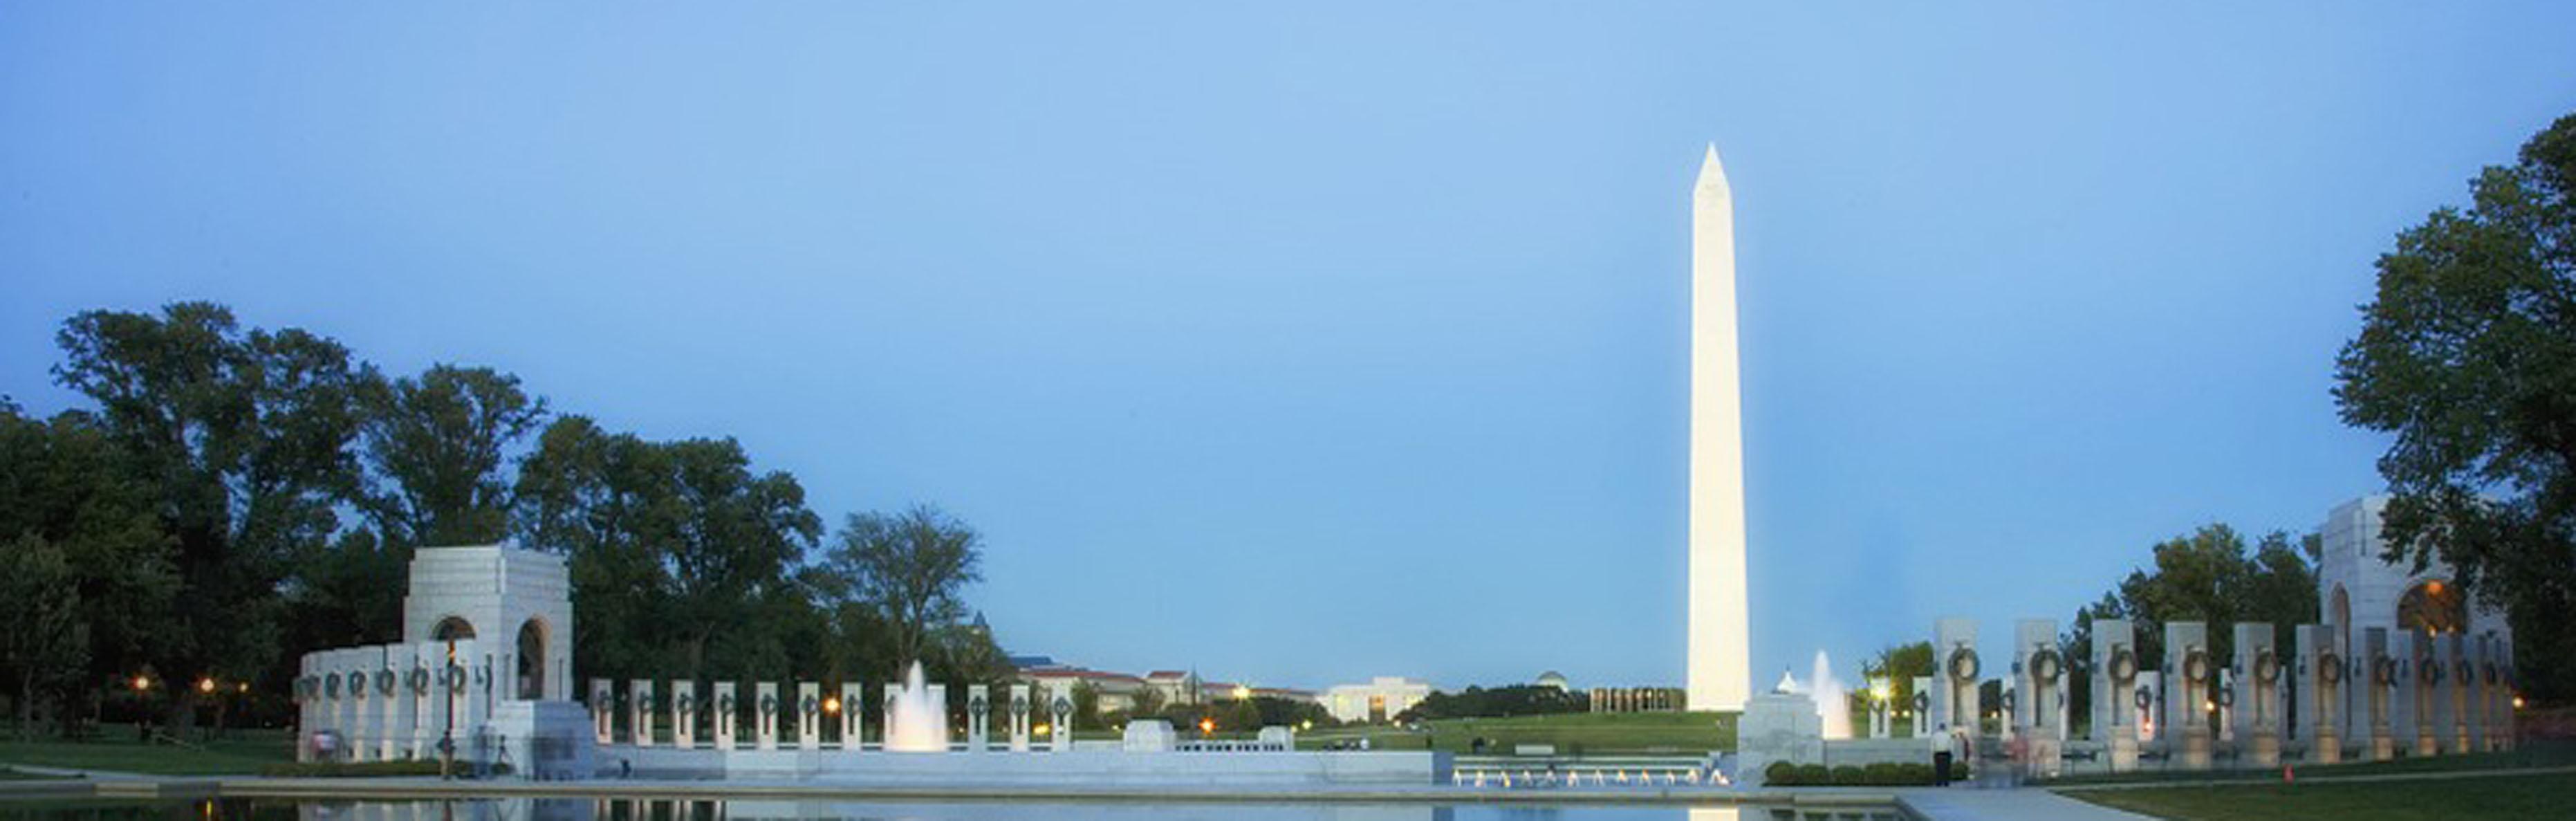 Reserve Tour To Washington Monument